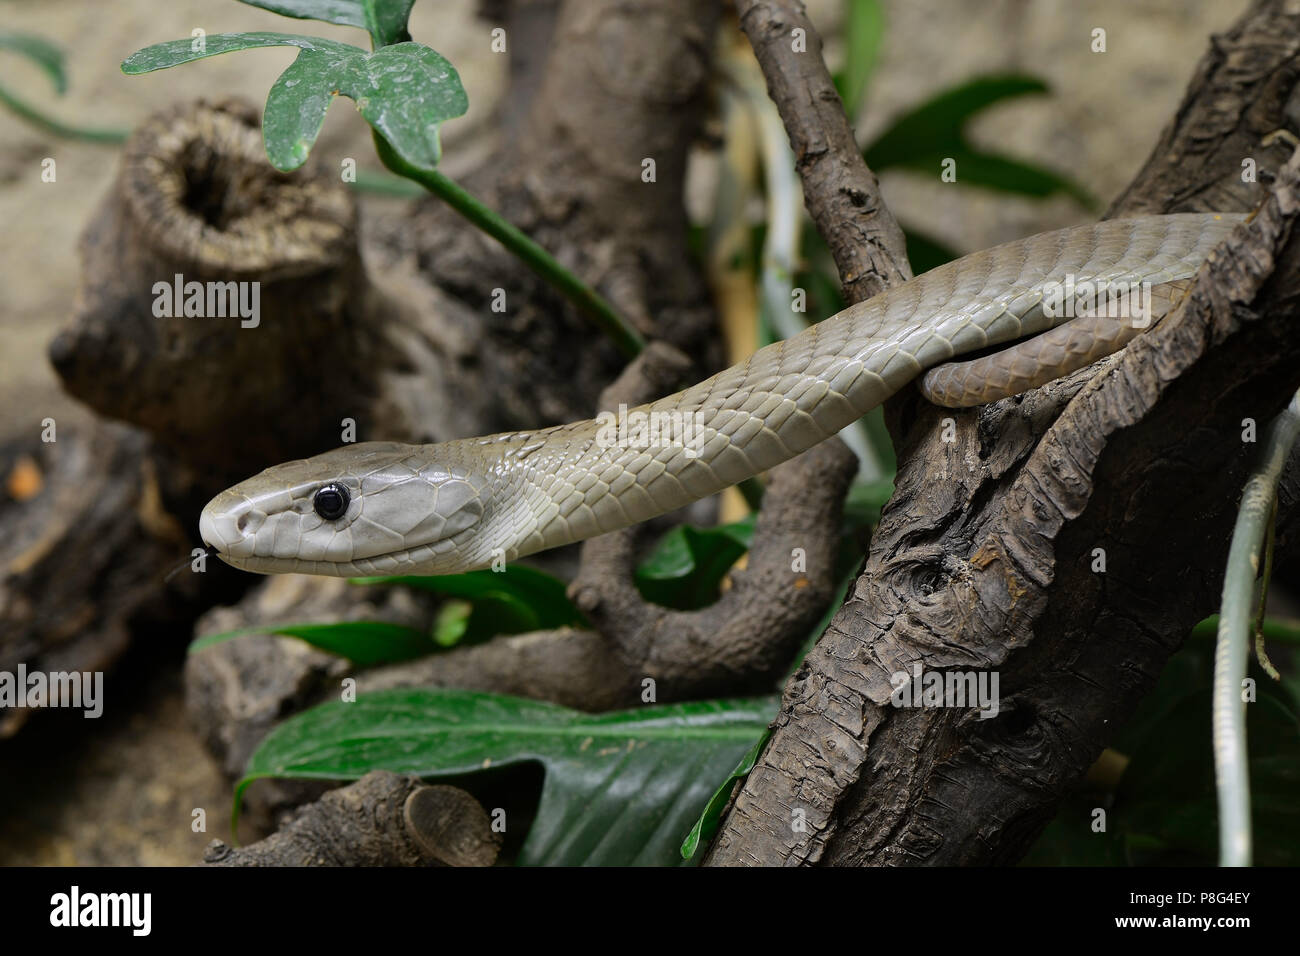 Schwarze Mamba (Dendroaspis polylepis), Giftschlange, capitve, Vorkommen in Afrika - Stock Image